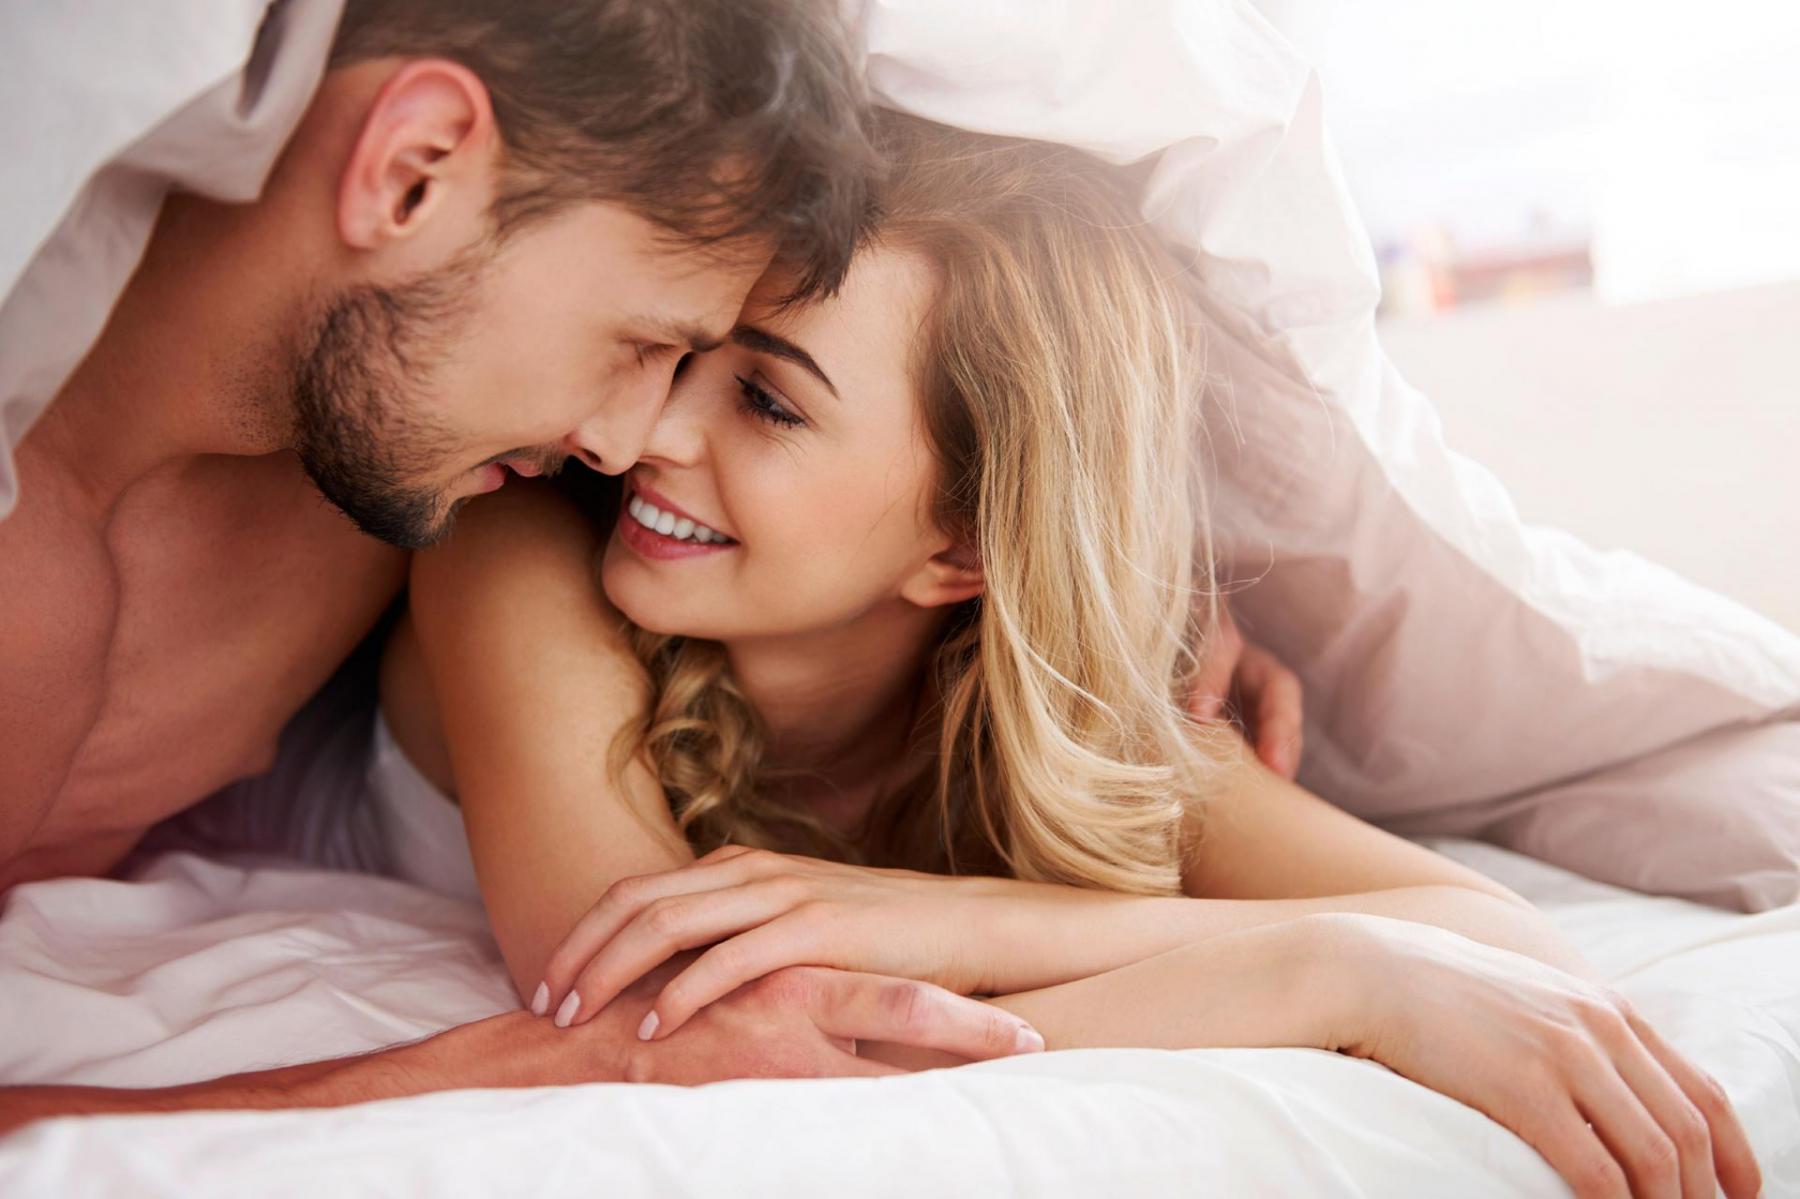 Фото Случайный секс: стоит ли спать со всеми подряд 2